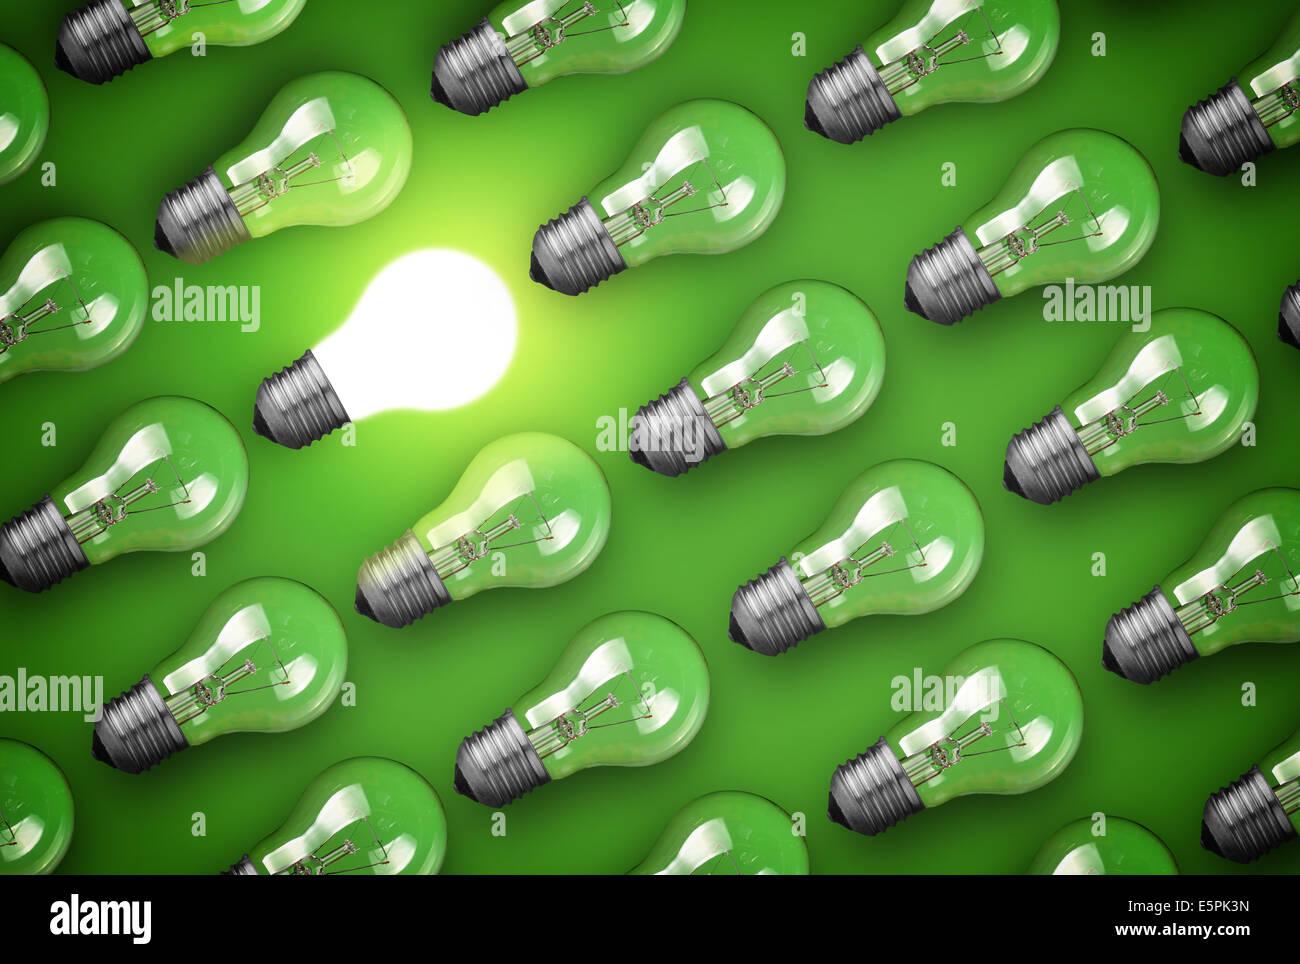 Idee-Konzept mit Glühbirnen auf grün Stockbild